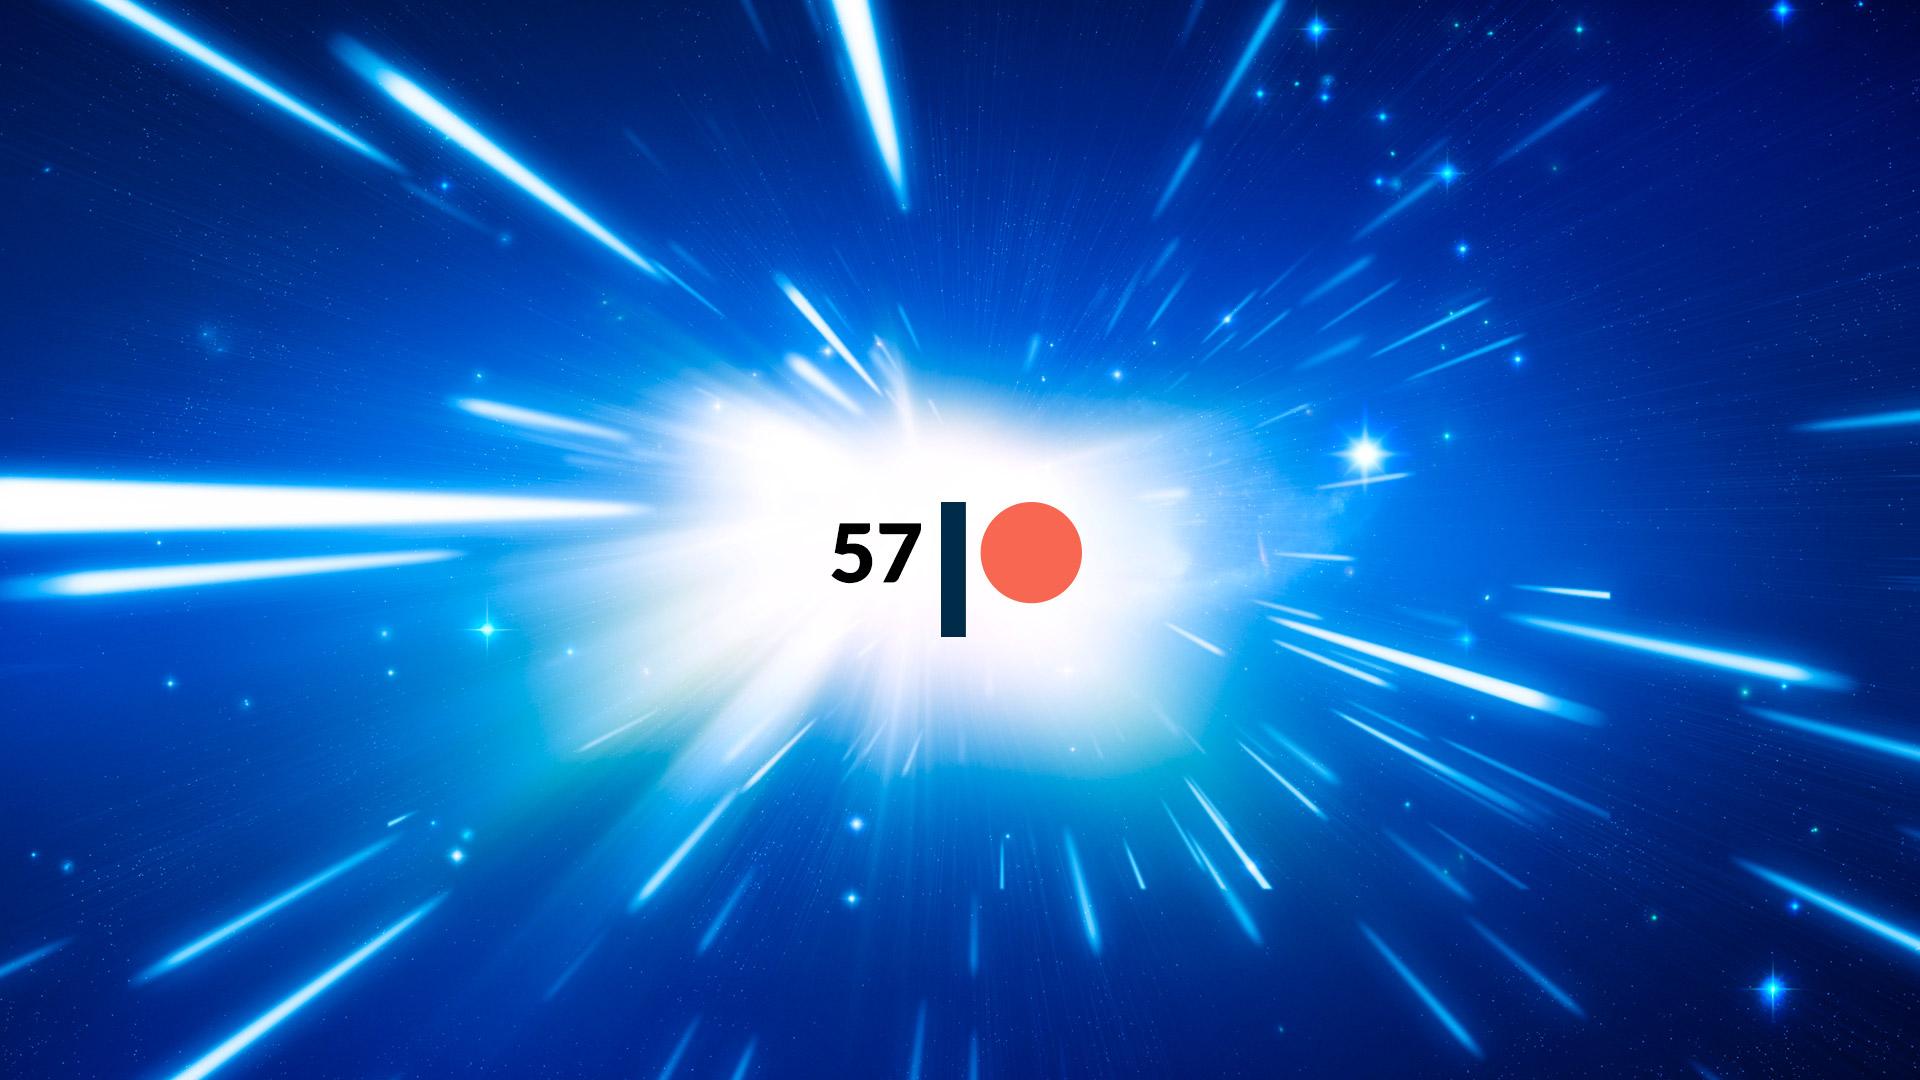 PR-57-Widescreen.jpg